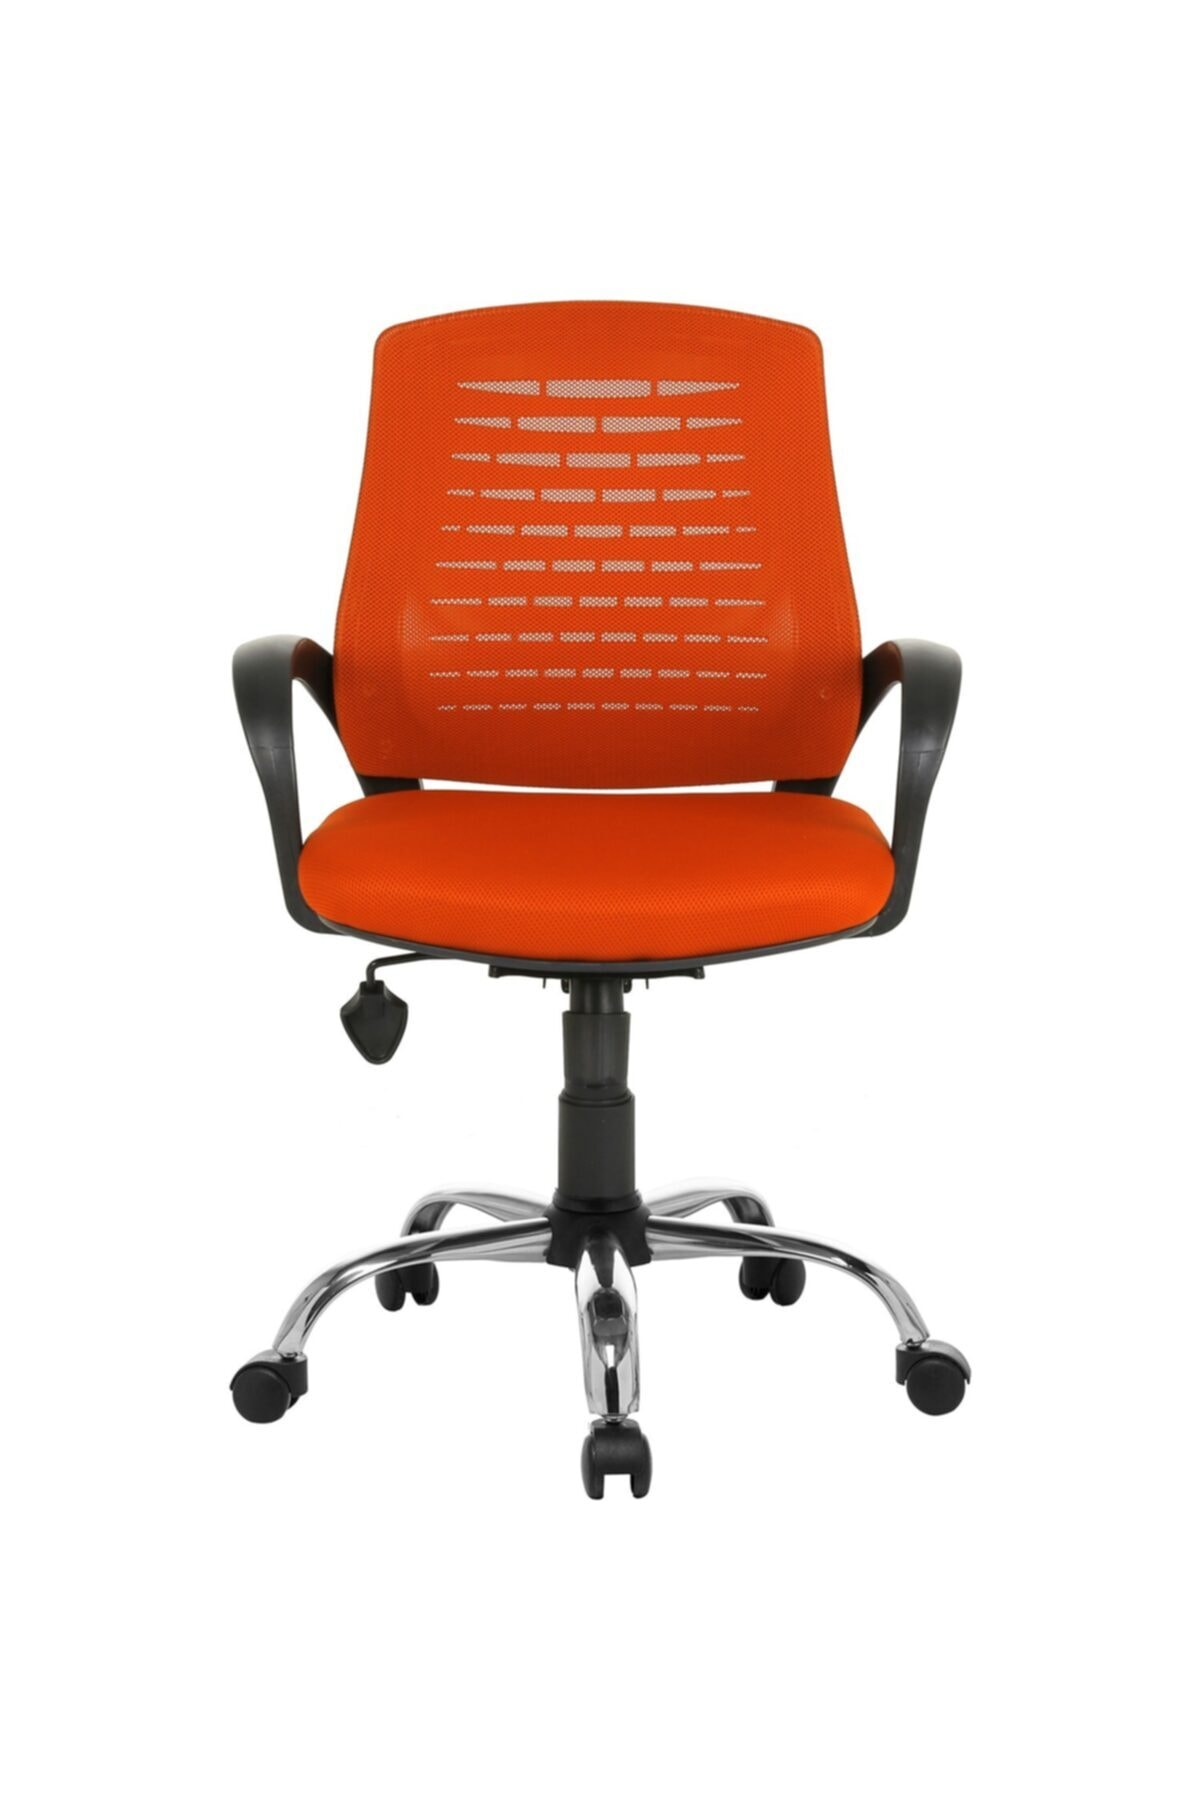 Fabrika Sers Büro Ofis Çalışma Koltuğu-turuncu Bilgisayar Sandalyesi 2